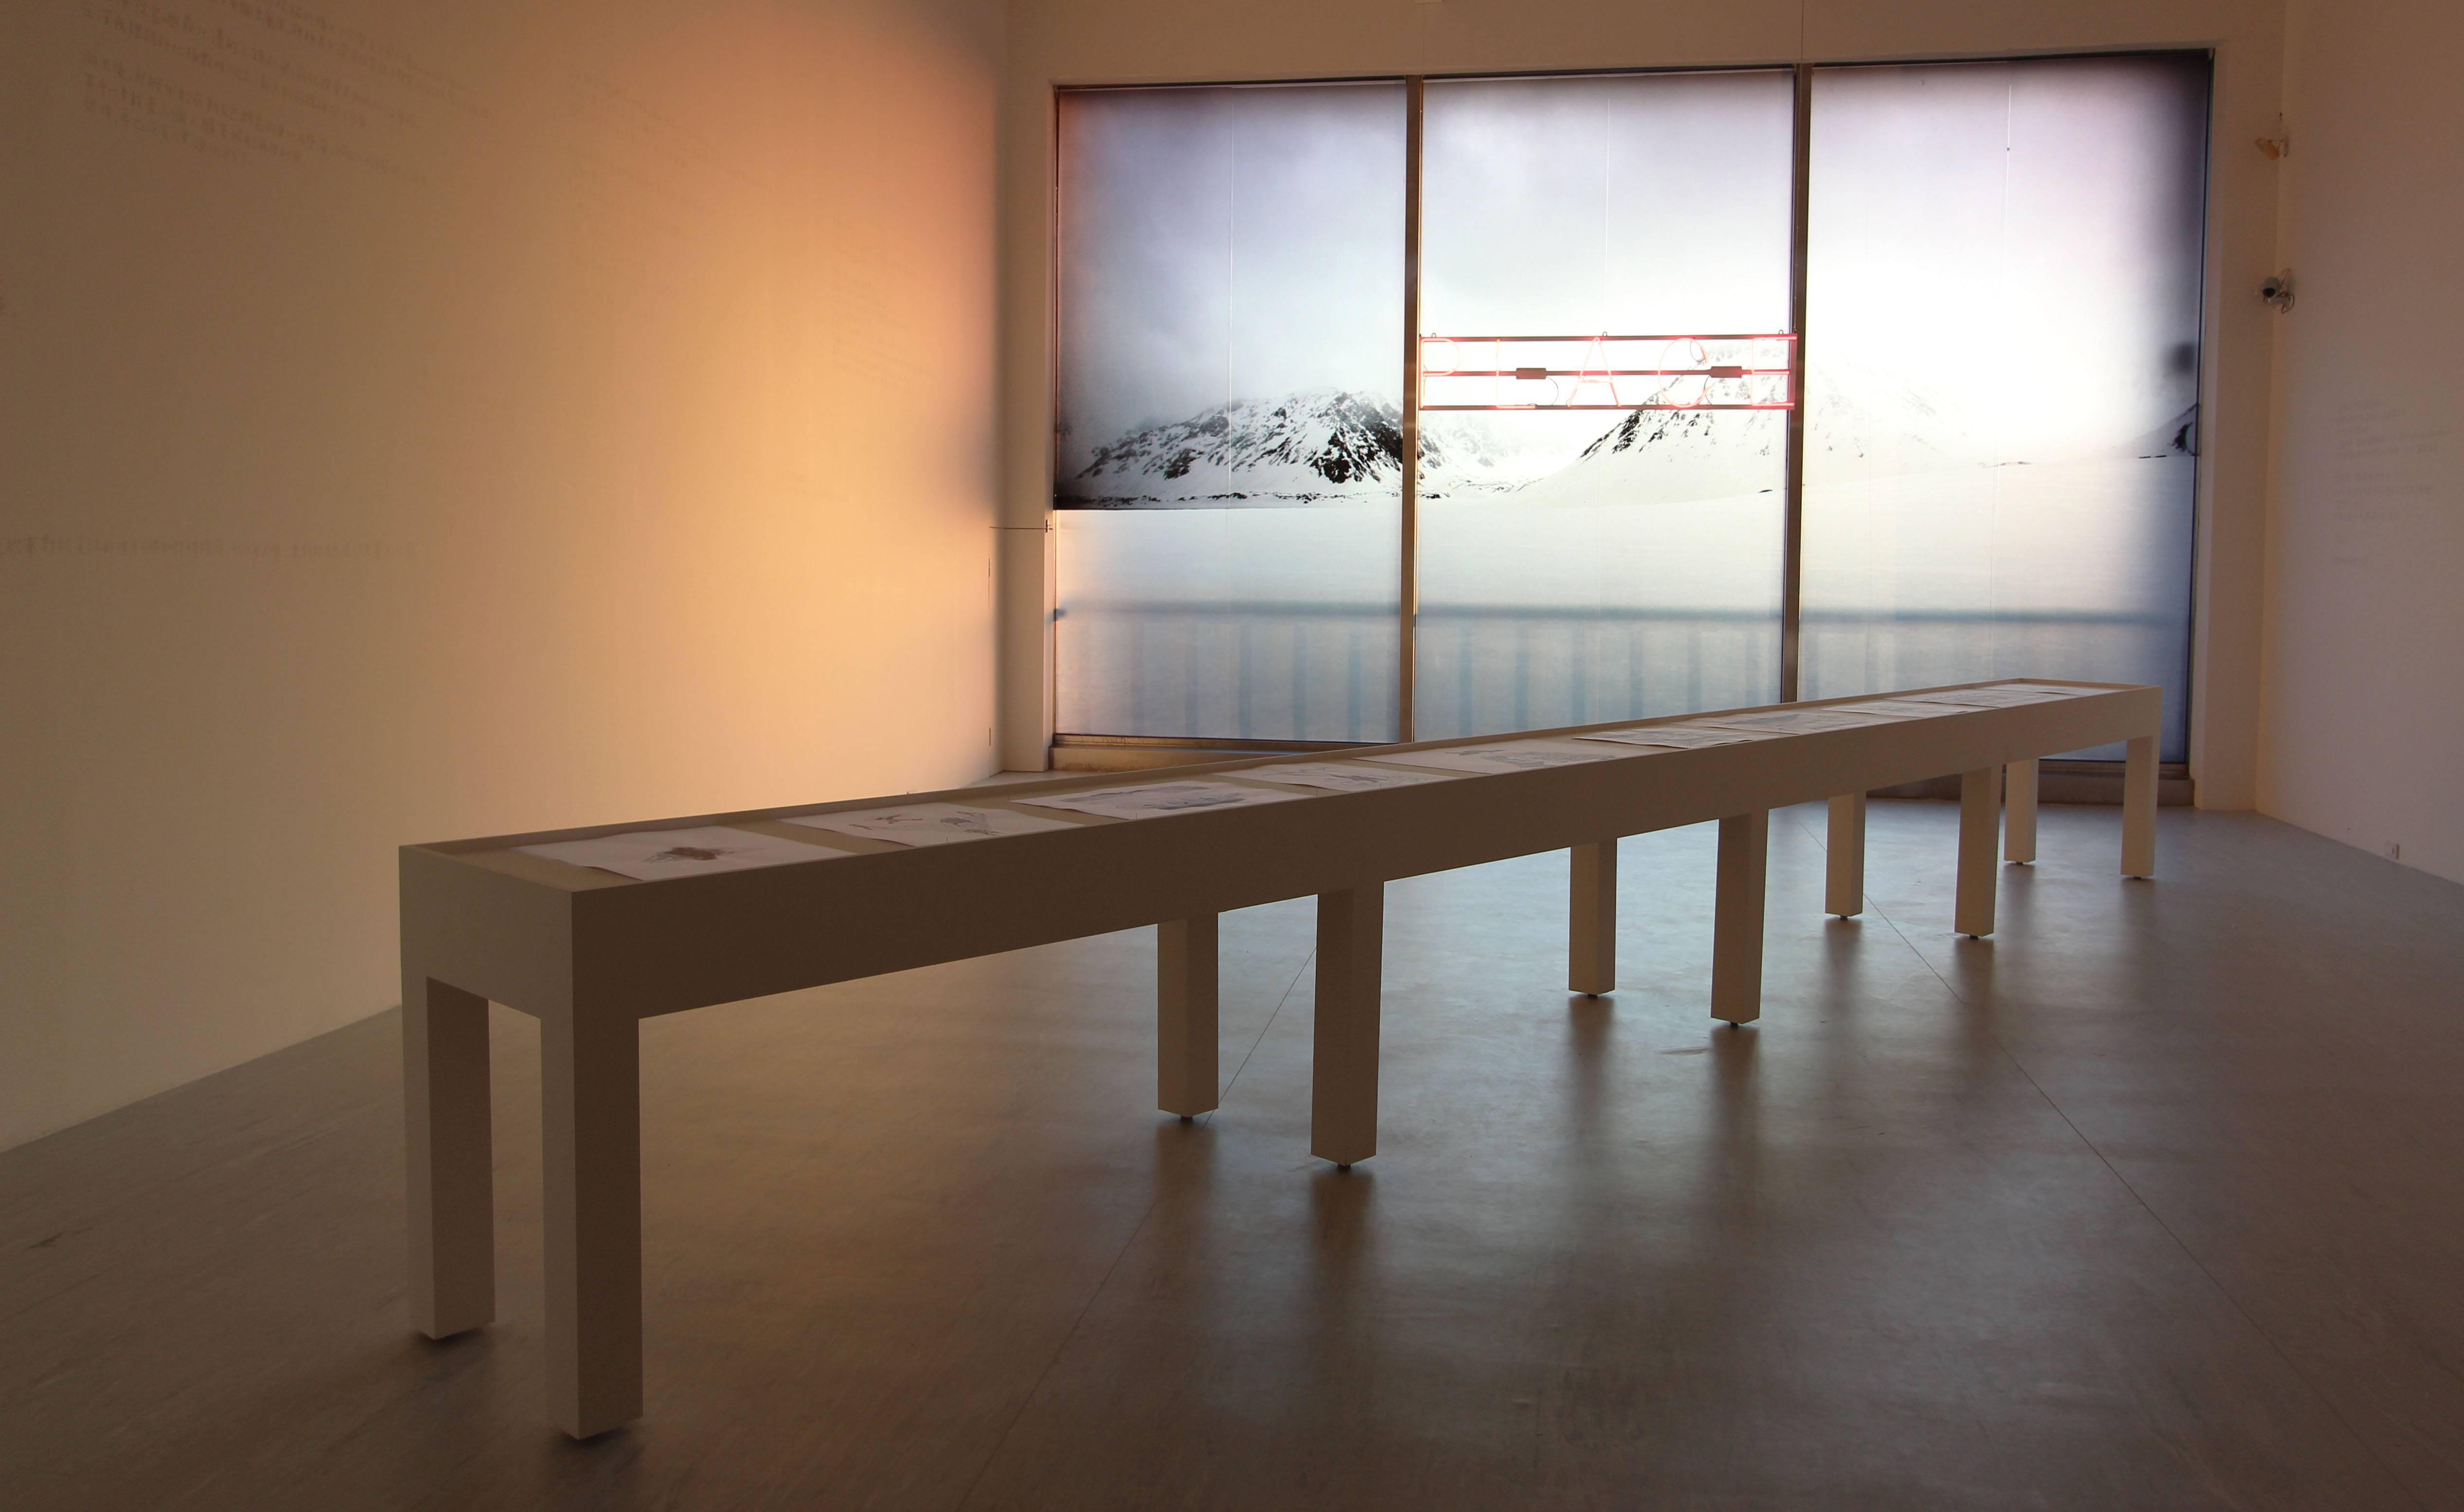 2018台北美術獎優選作品。張允菡,《其實我們什麼也不是》,複合媒材,尺寸依場地而定,2018。